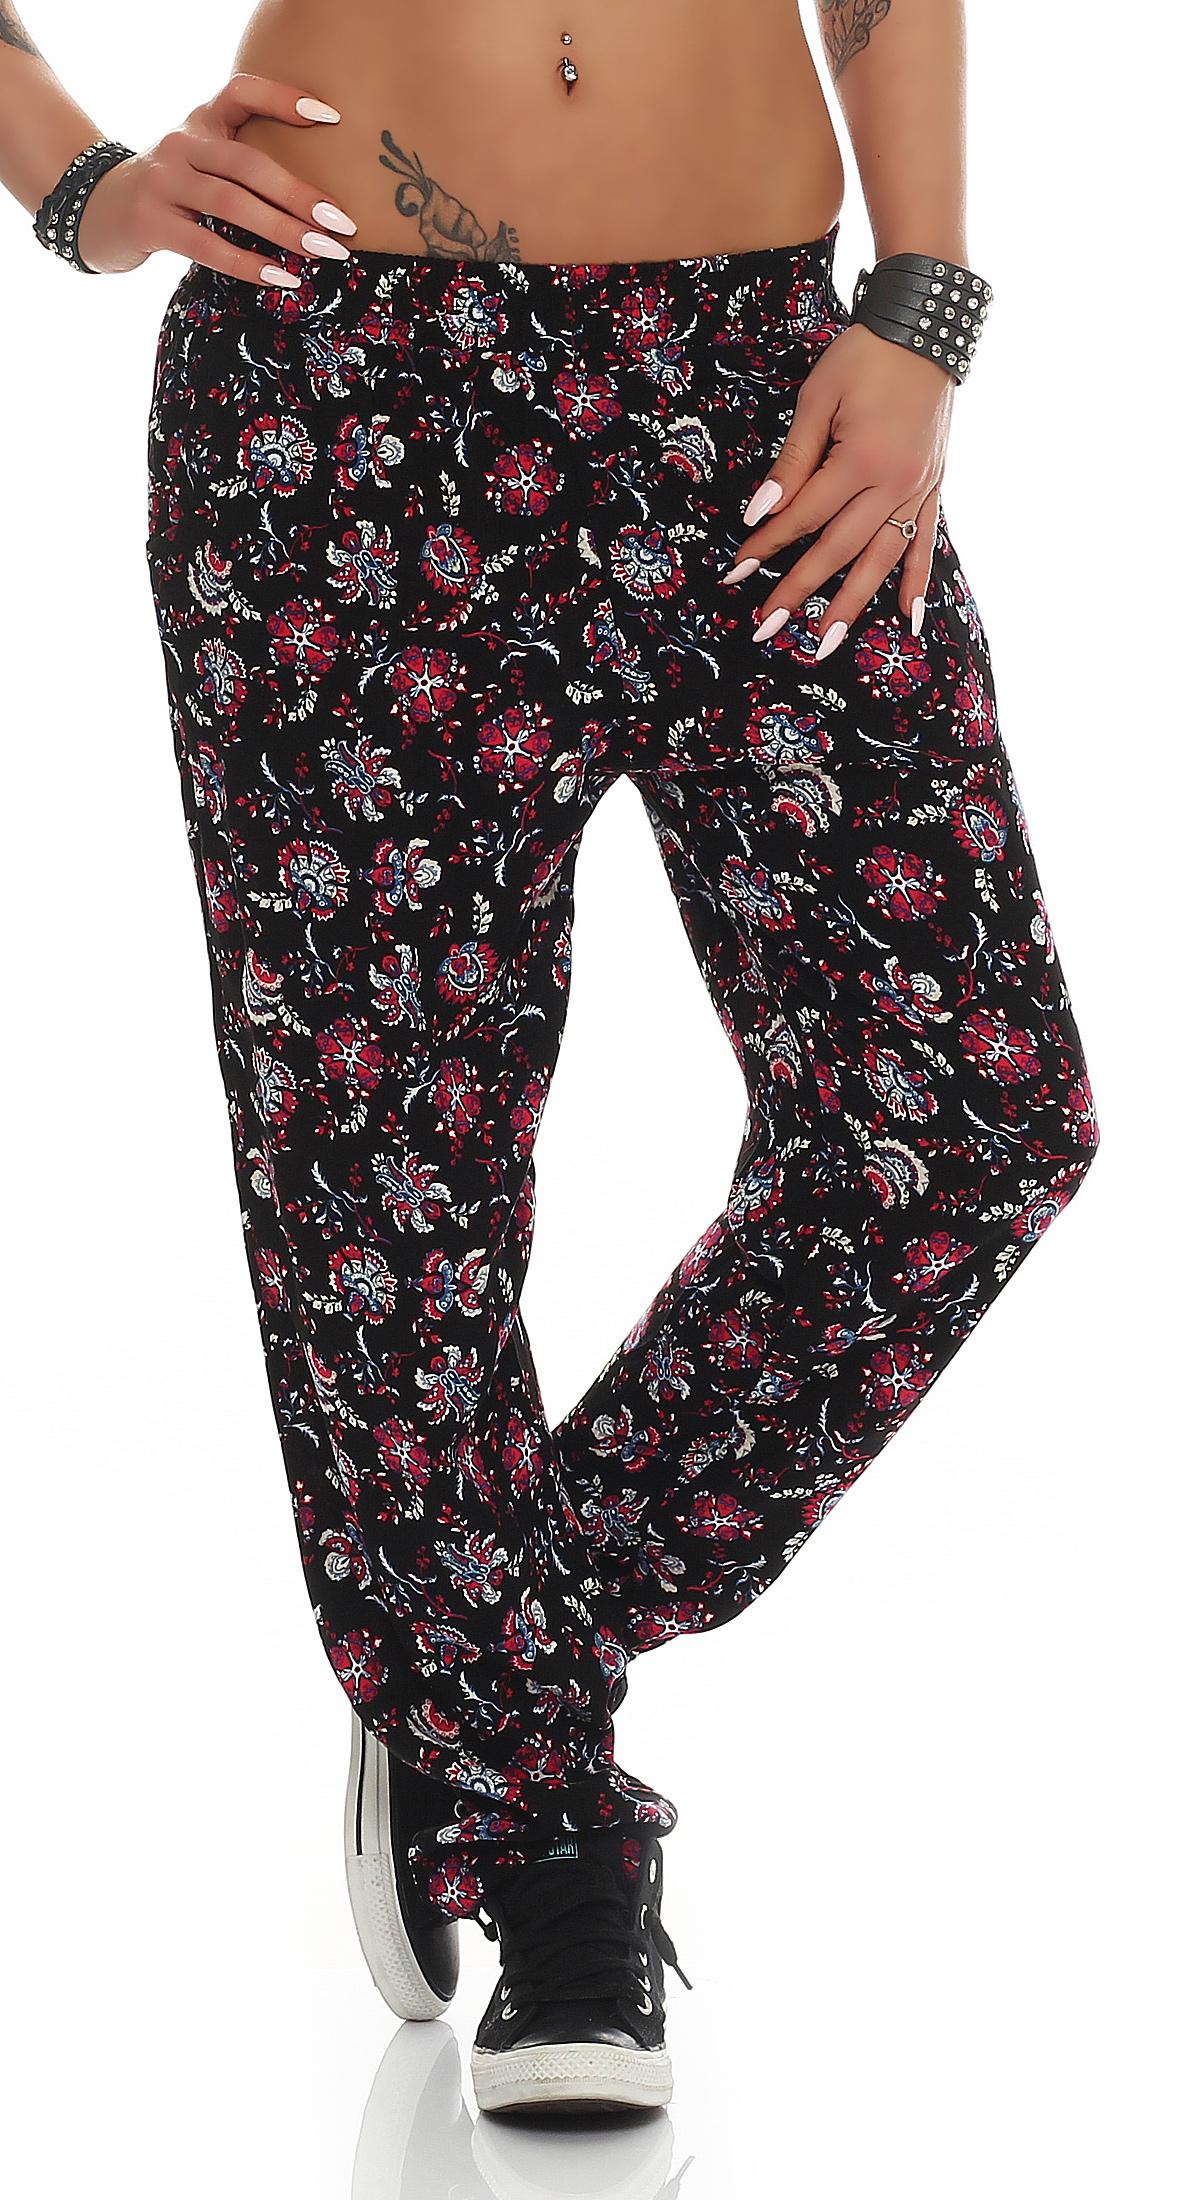 Wir lieben ja unsere Jeans: Super bequem, sexy und immer für uns da. Aber haben wir Mädels nicht ab und zu mal Lust auf einen schicken, femininen Look - ganz ohne Kleider und Röcke?!